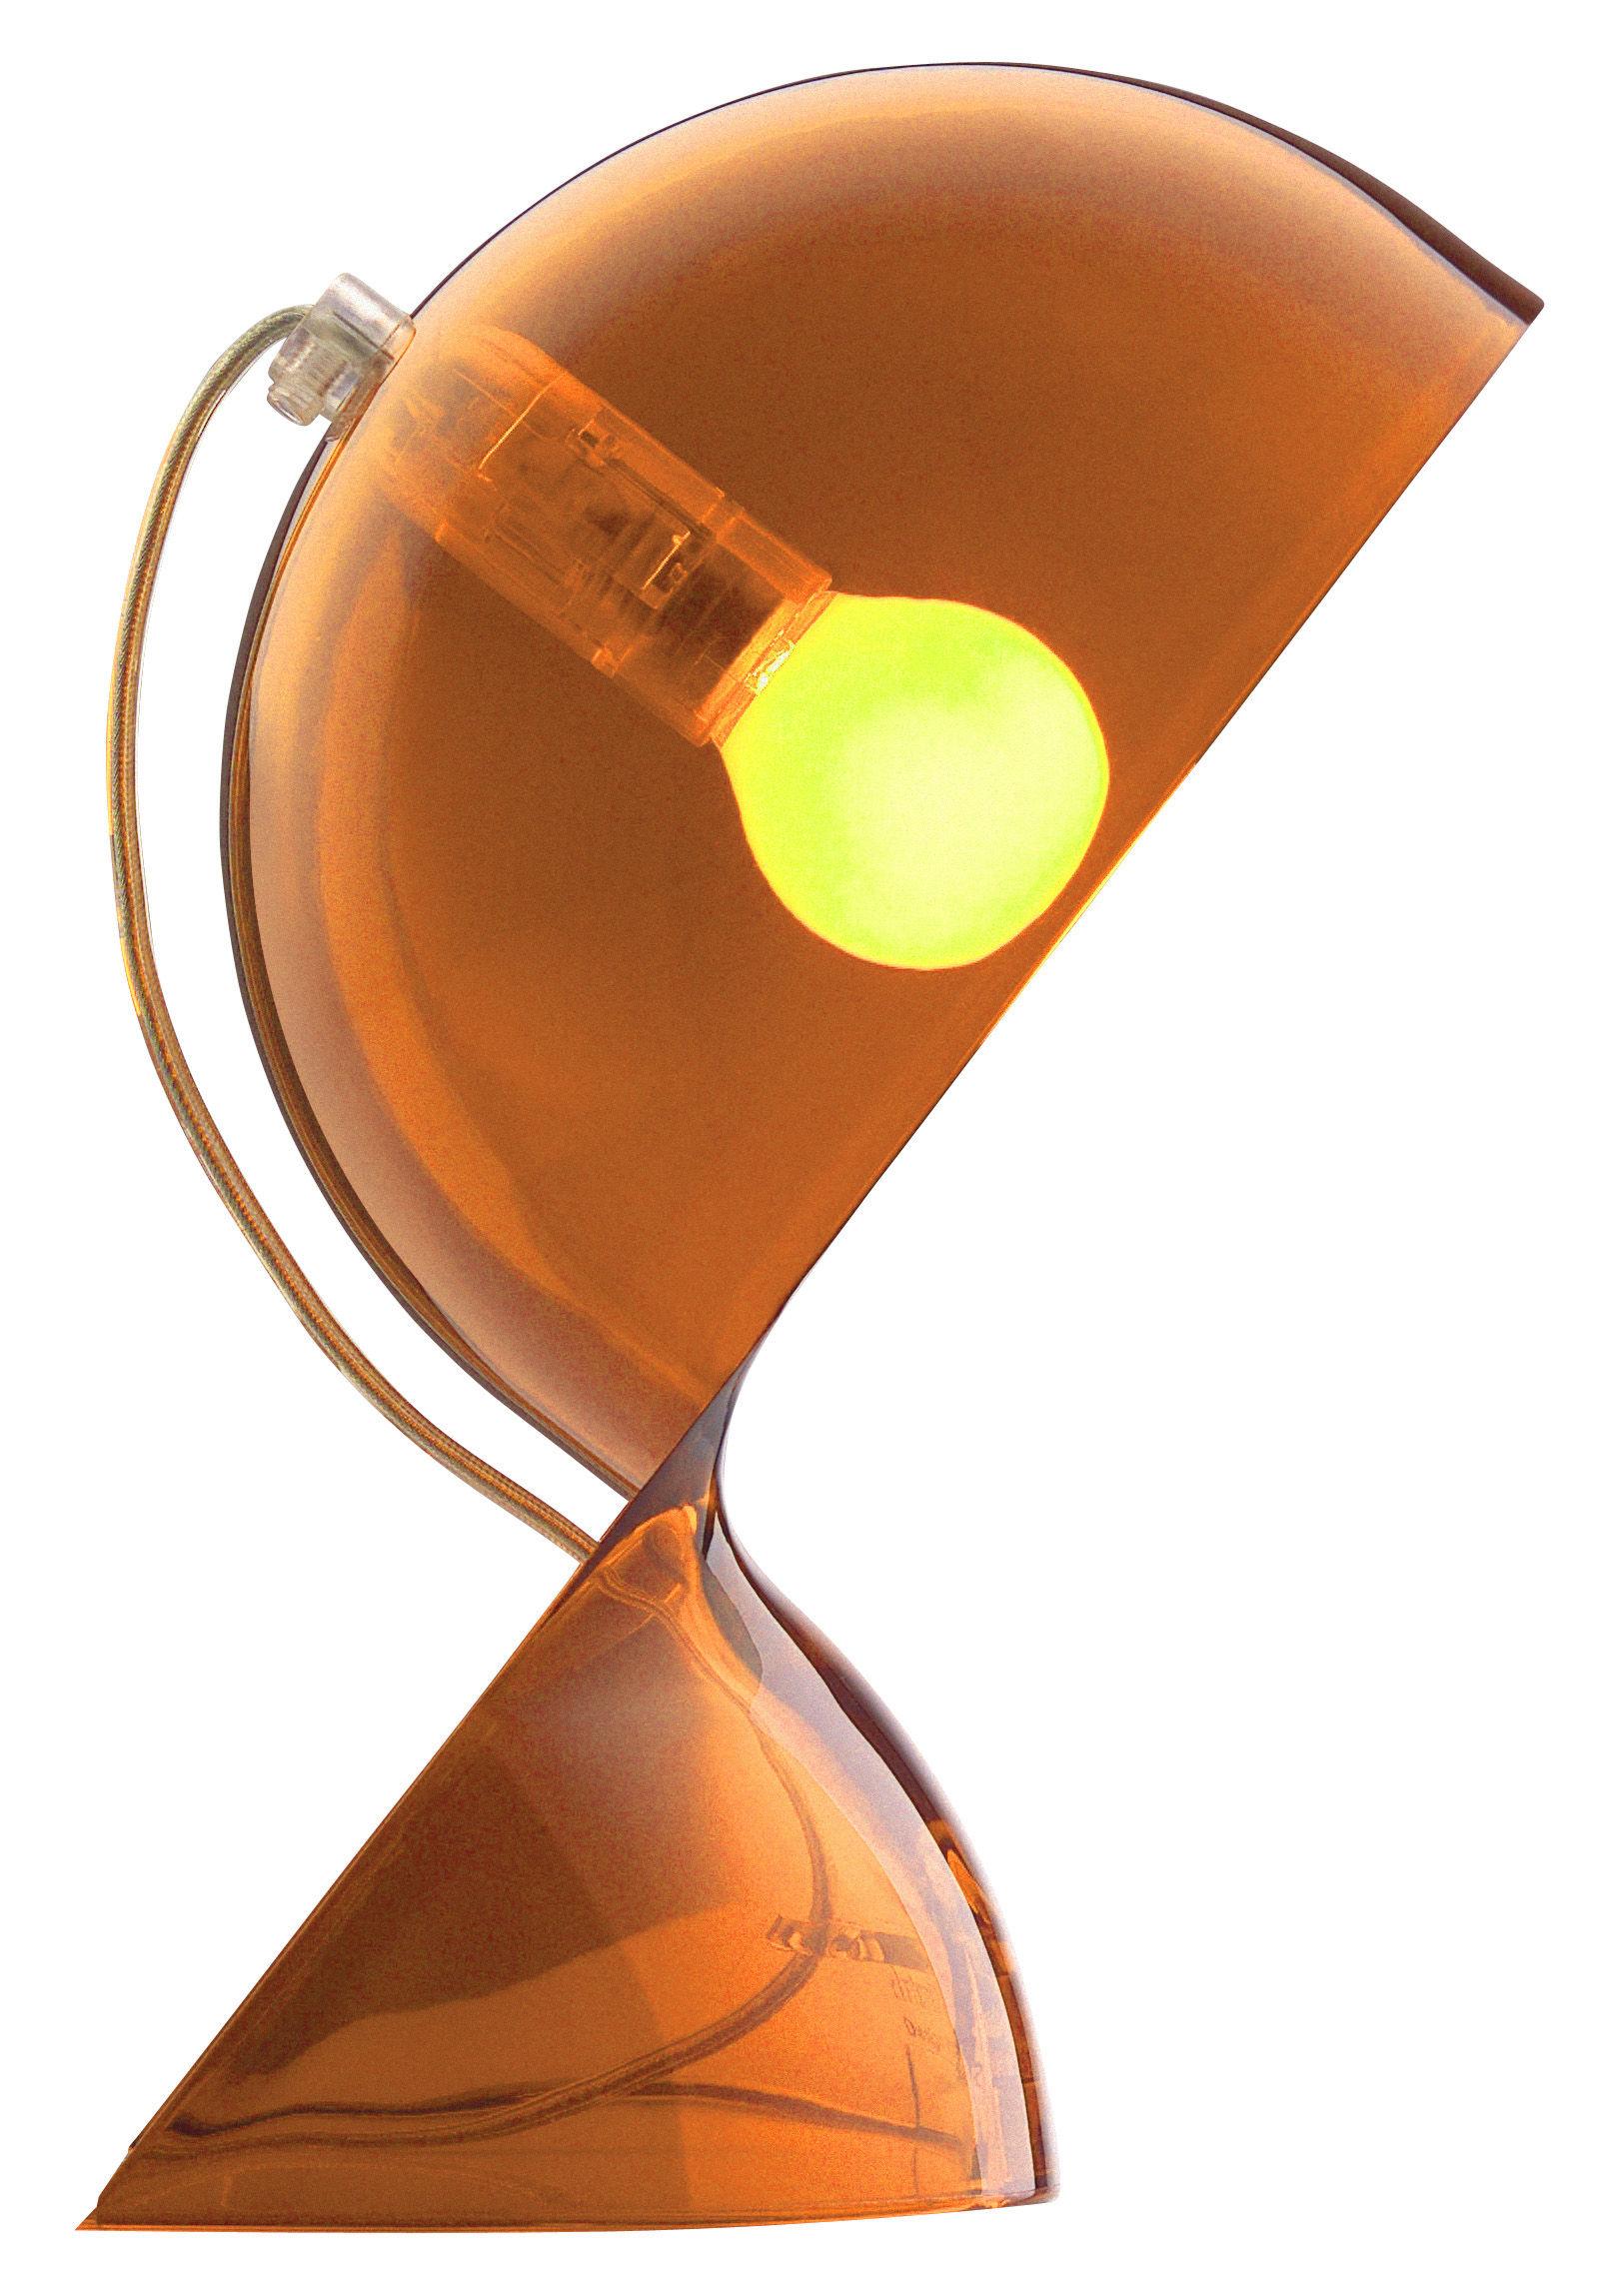 Scopri lampada da tavolo dal arancione trasparente di artemide made in design italia - Lampada da tavolo vico magistretti ...